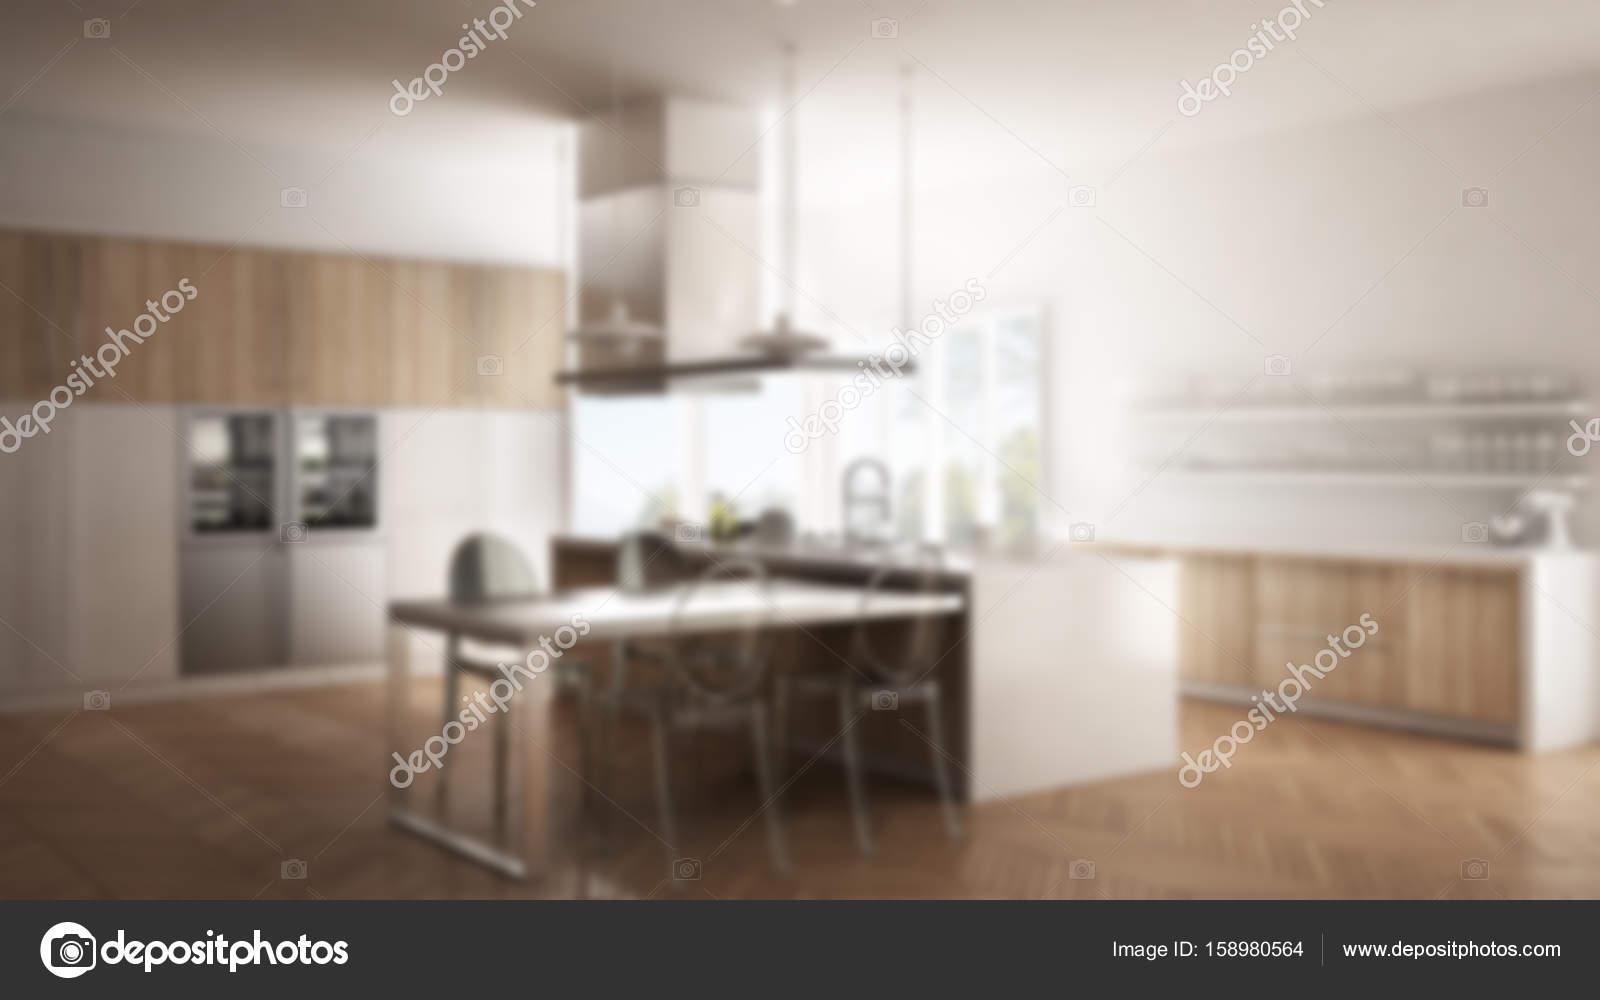 Modern Interieur Wit : Unschärfe hintergrund interior design minimalistische moderne